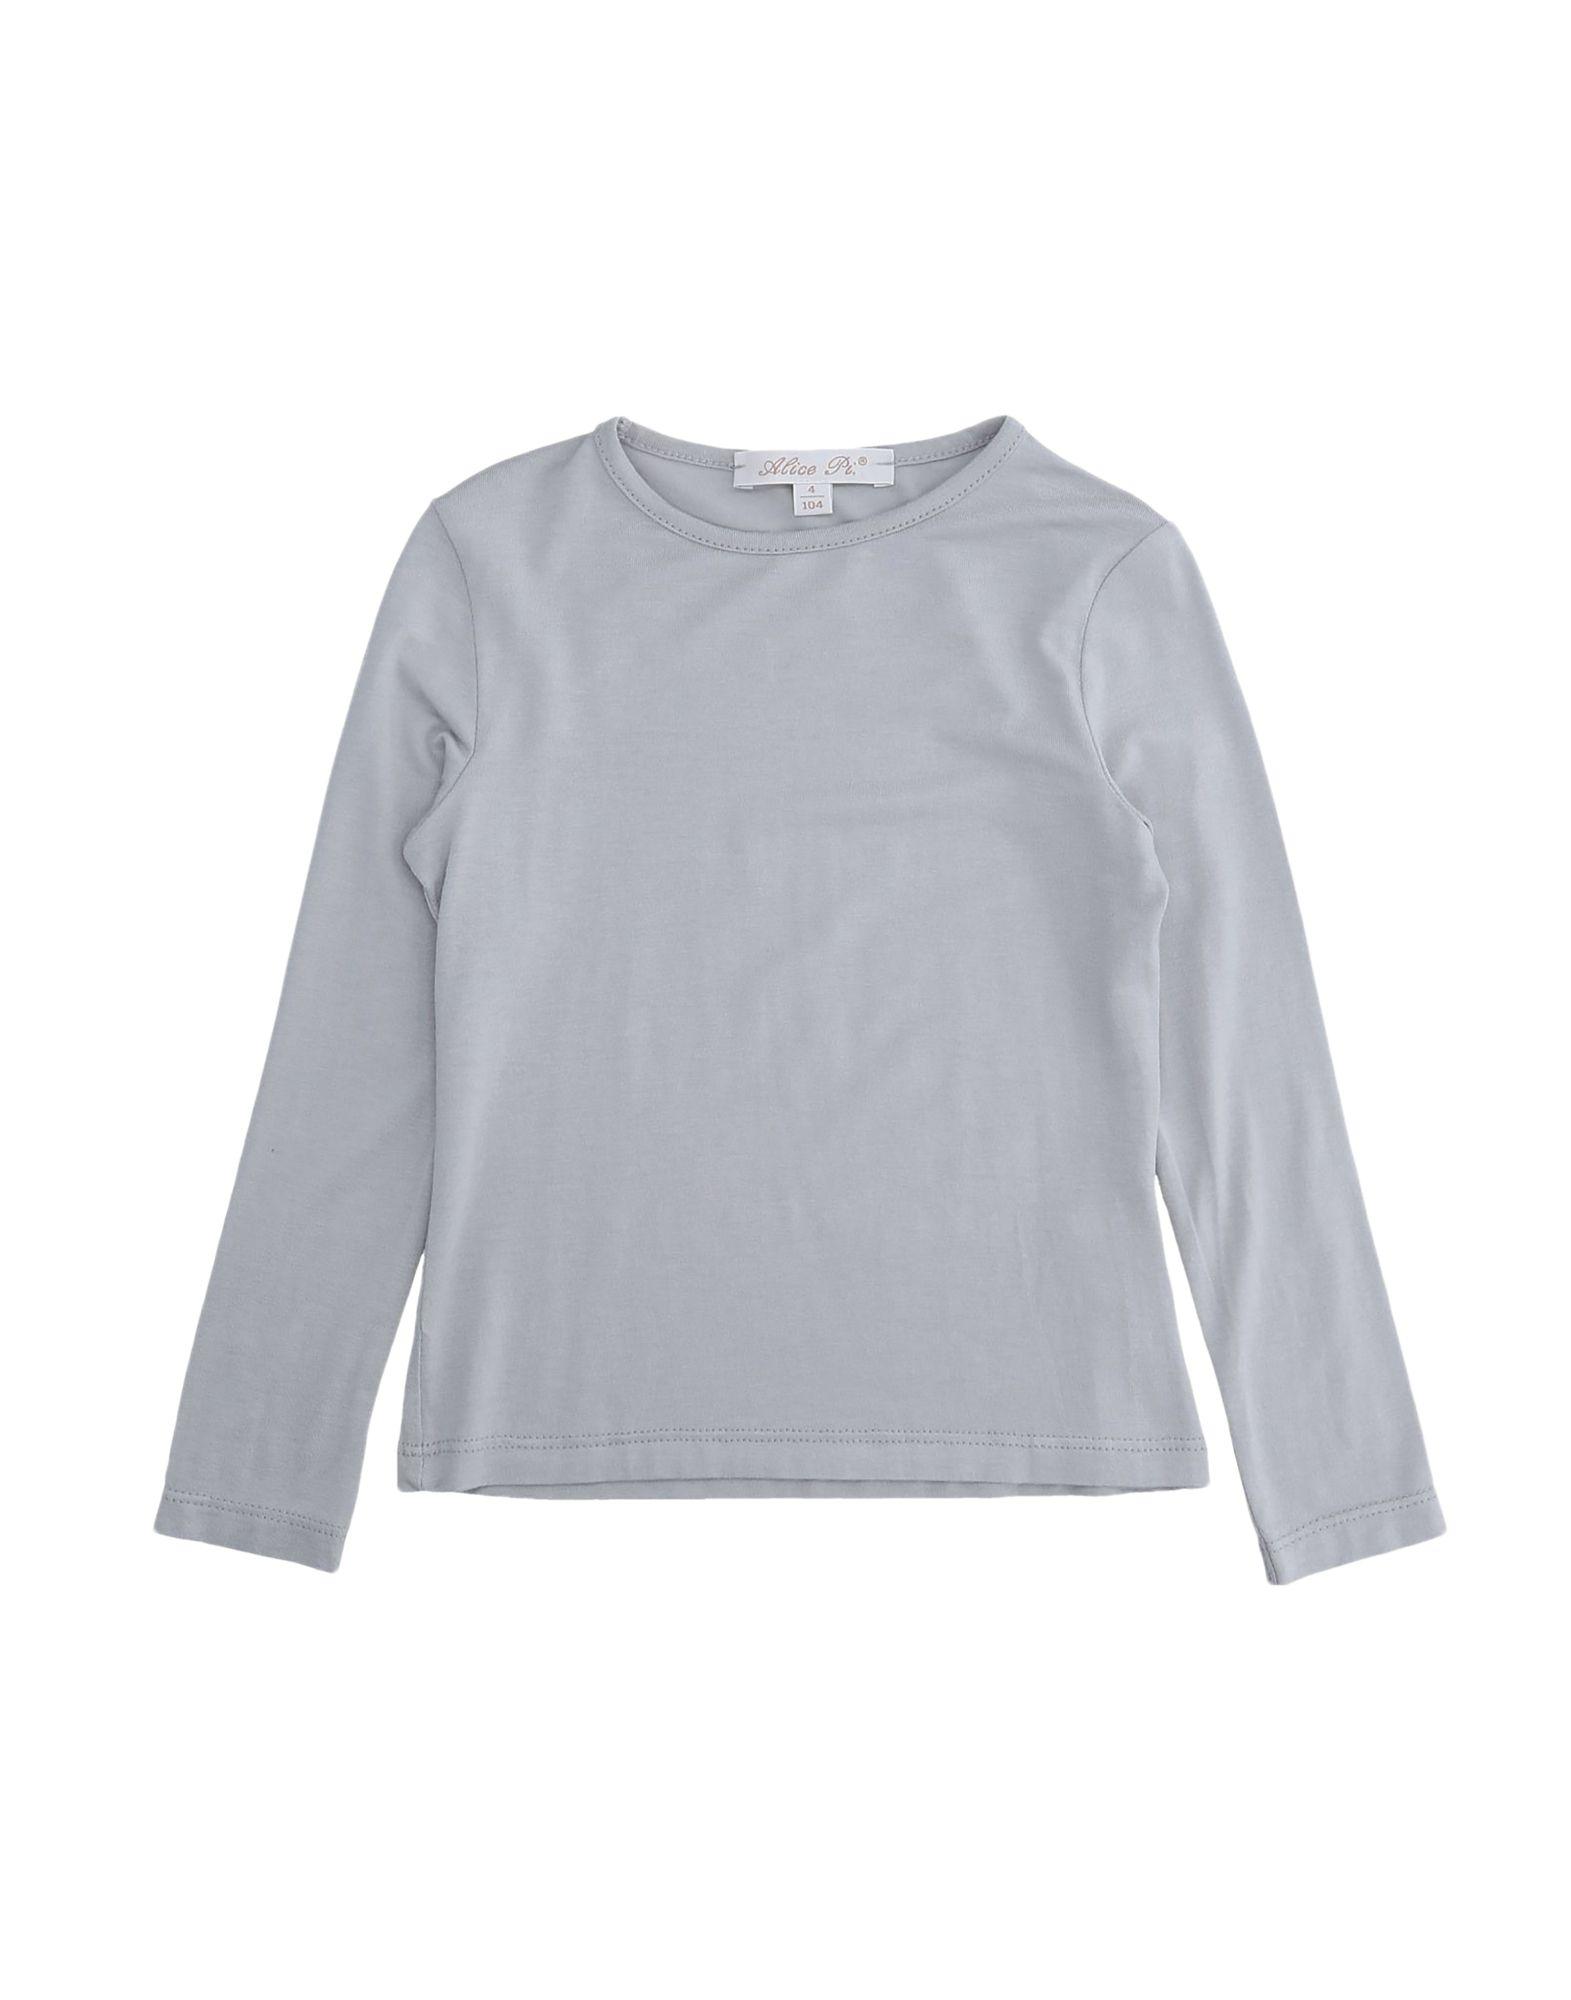 Alice Pi. Kids' T-shirts In Grey